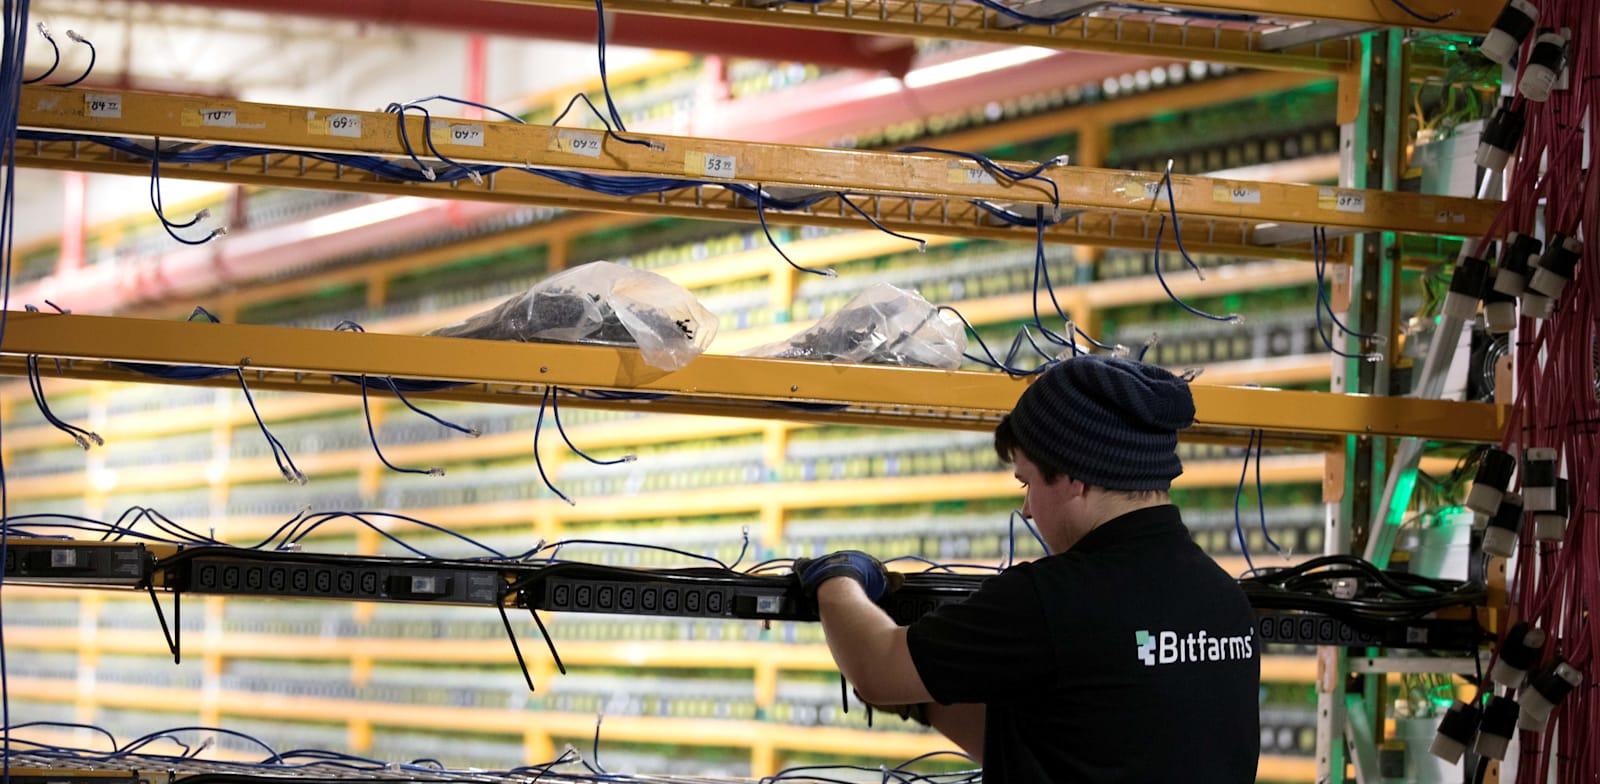 עובד בחברת כריית מטבעות קריפטו מכין תשתיות לקליטת מחשבים חדשים, קנדה / צילום: Reuters, CHRISTINNE MUSCHI